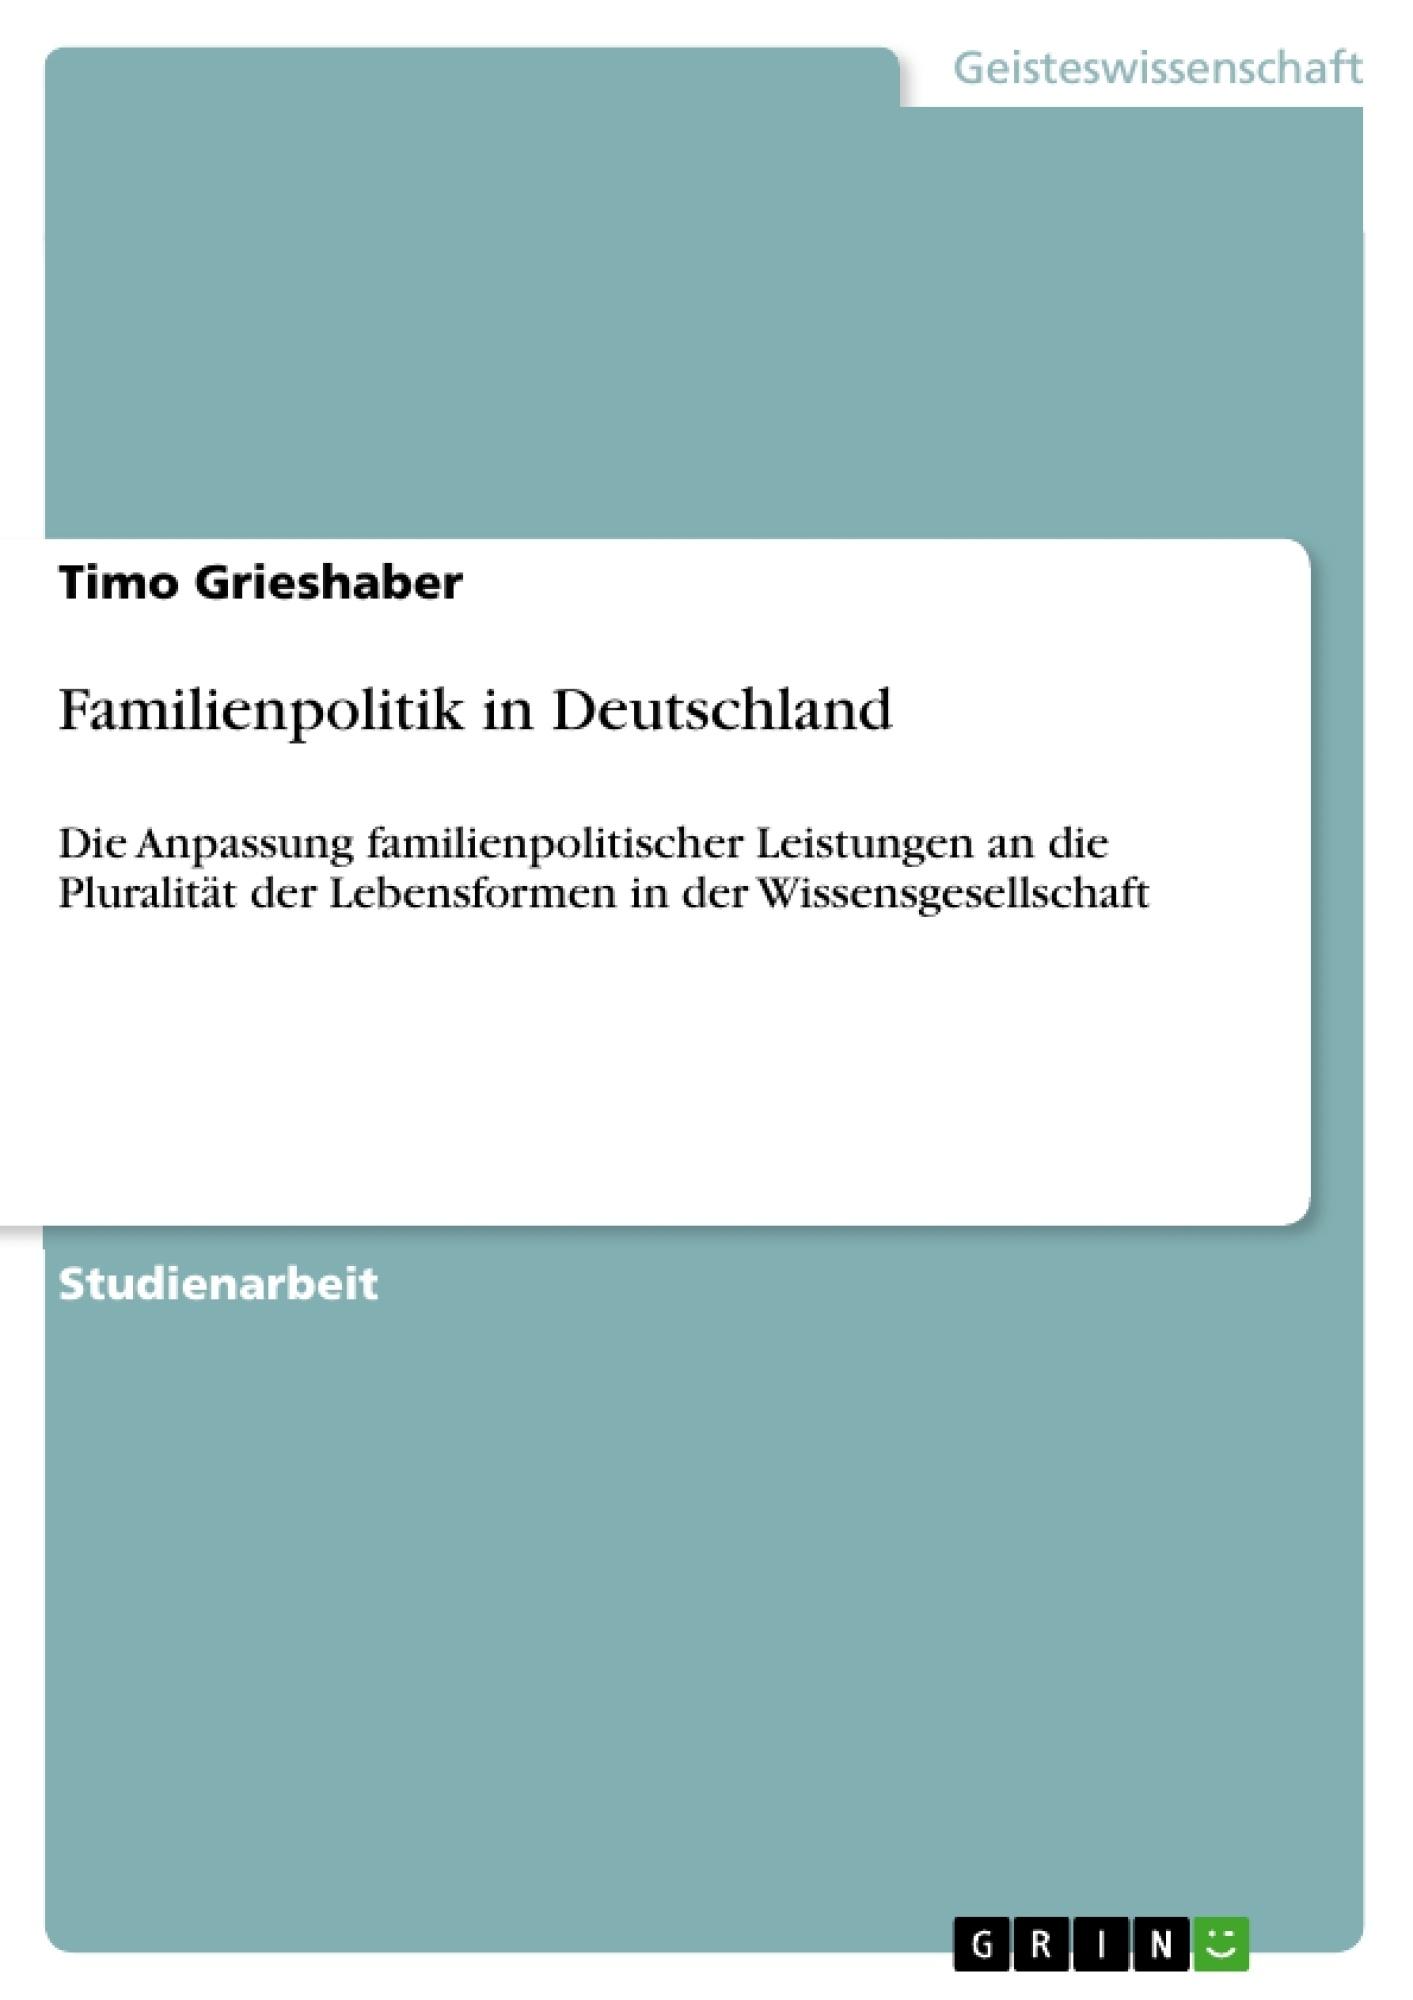 Titel: Familienpolitik in Deutschland